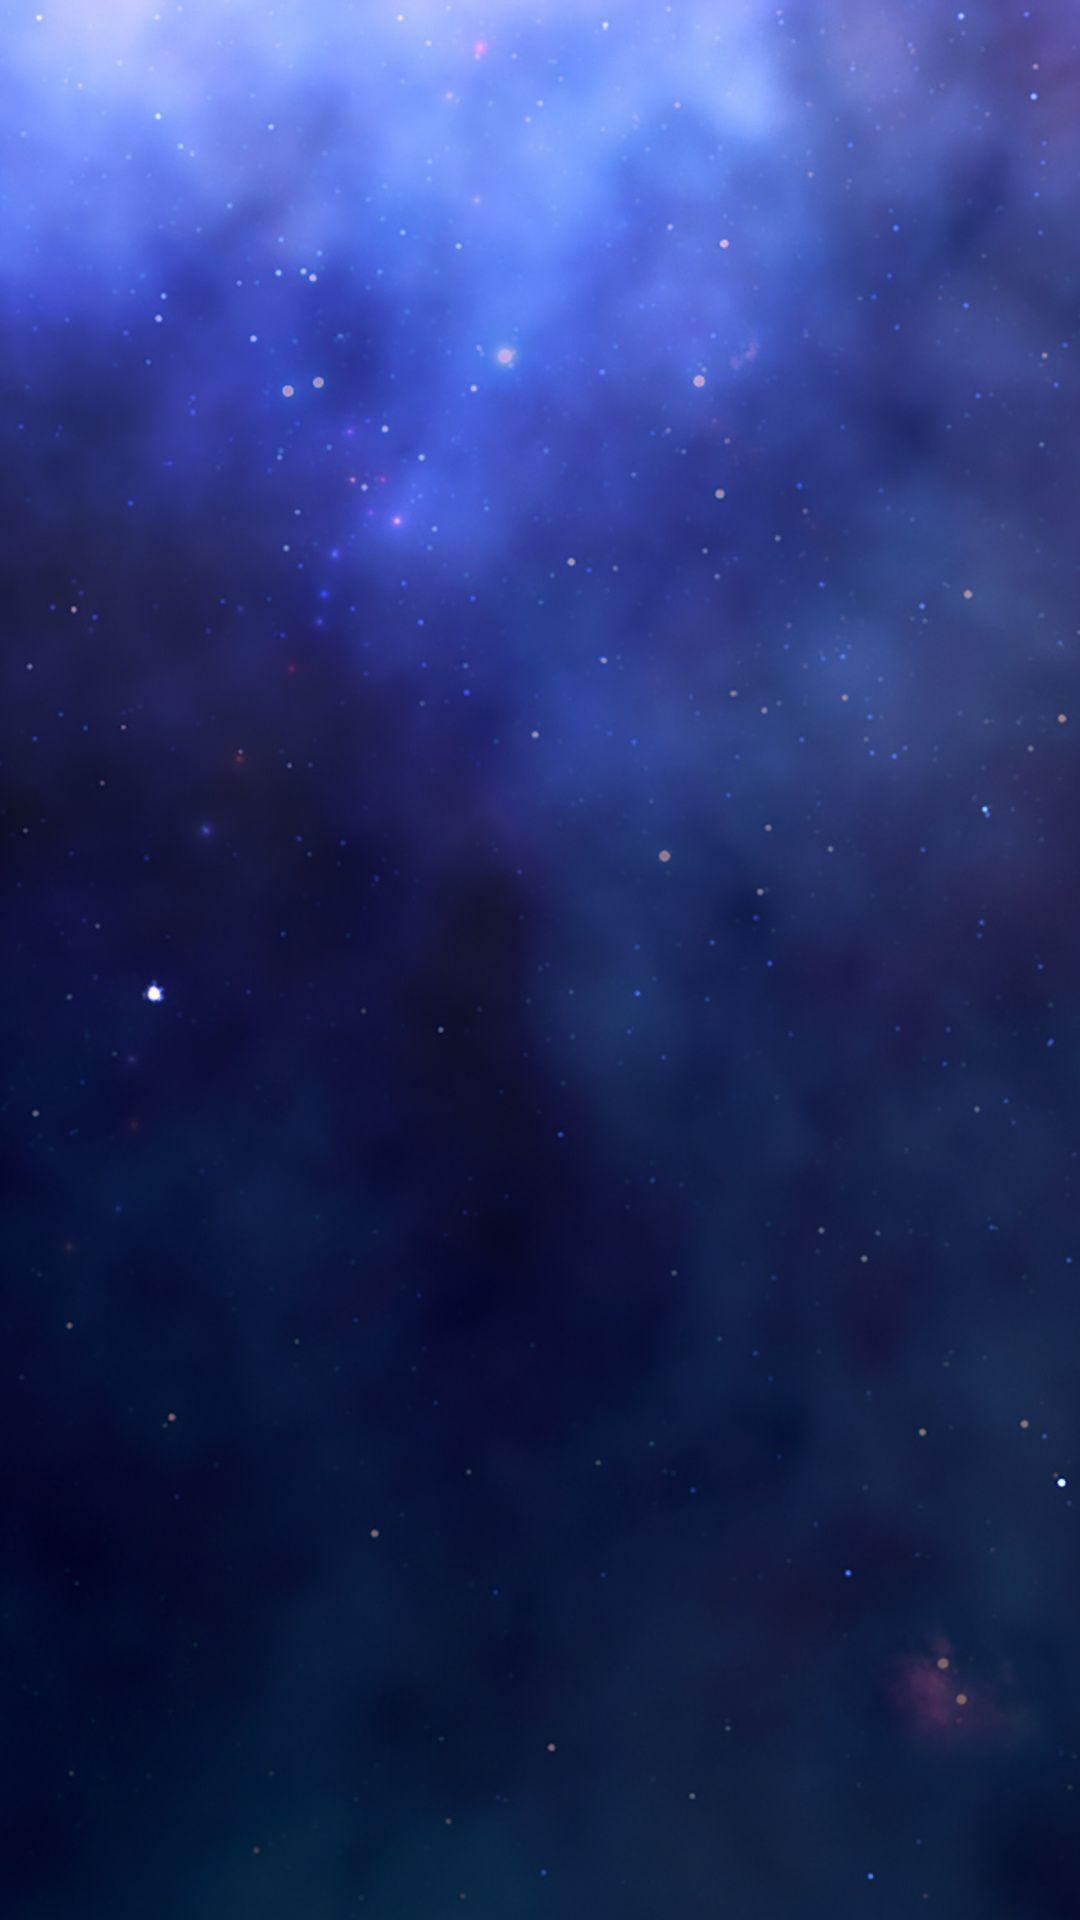 Galaxy Dark Blue Iphone Background Dark Blue Wallpaper Dark Wallpaper Blue Sky Wallpaper Ideas for galaxy dark blue wallpaper hd